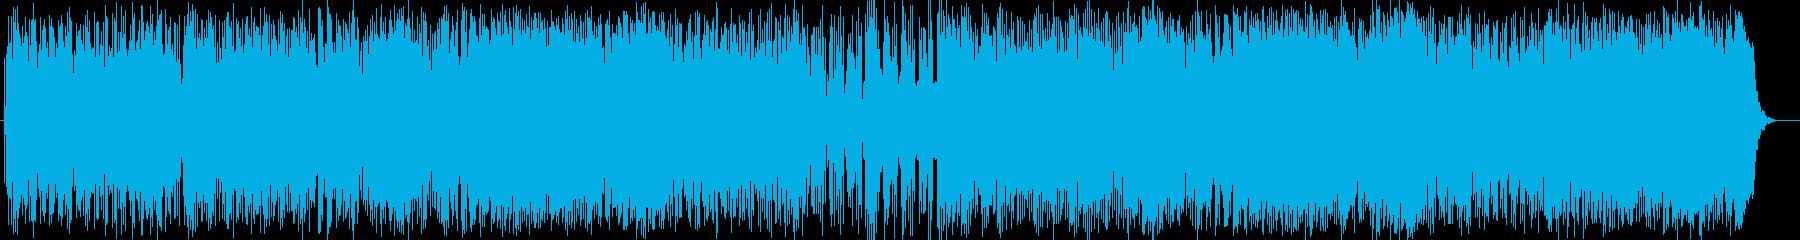 元気で明るいポップミュージックの再生済みの波形